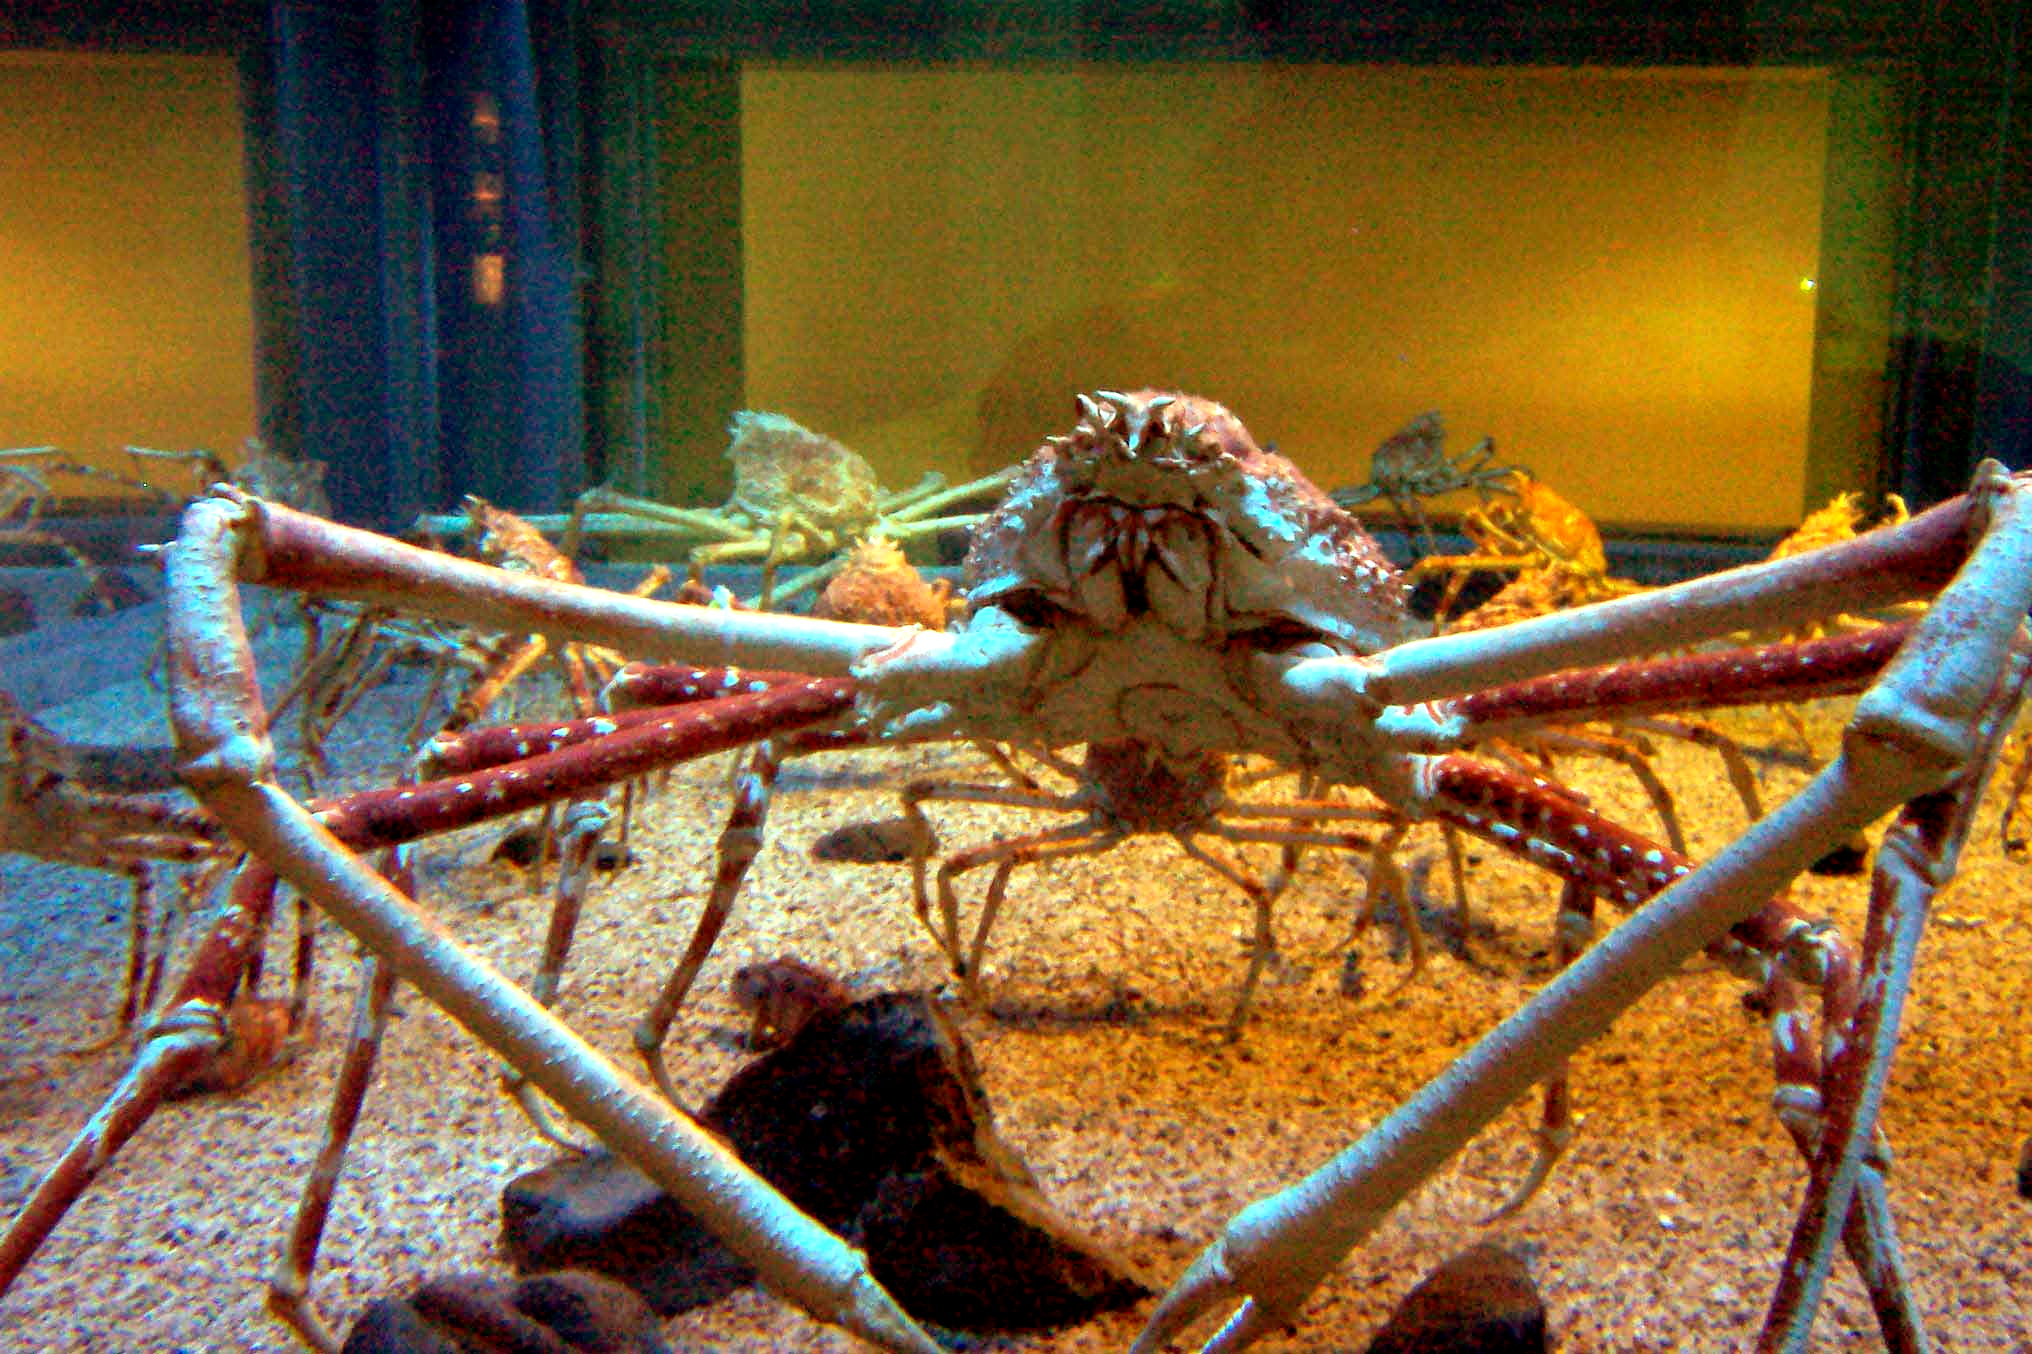 Spider crab - photo#8